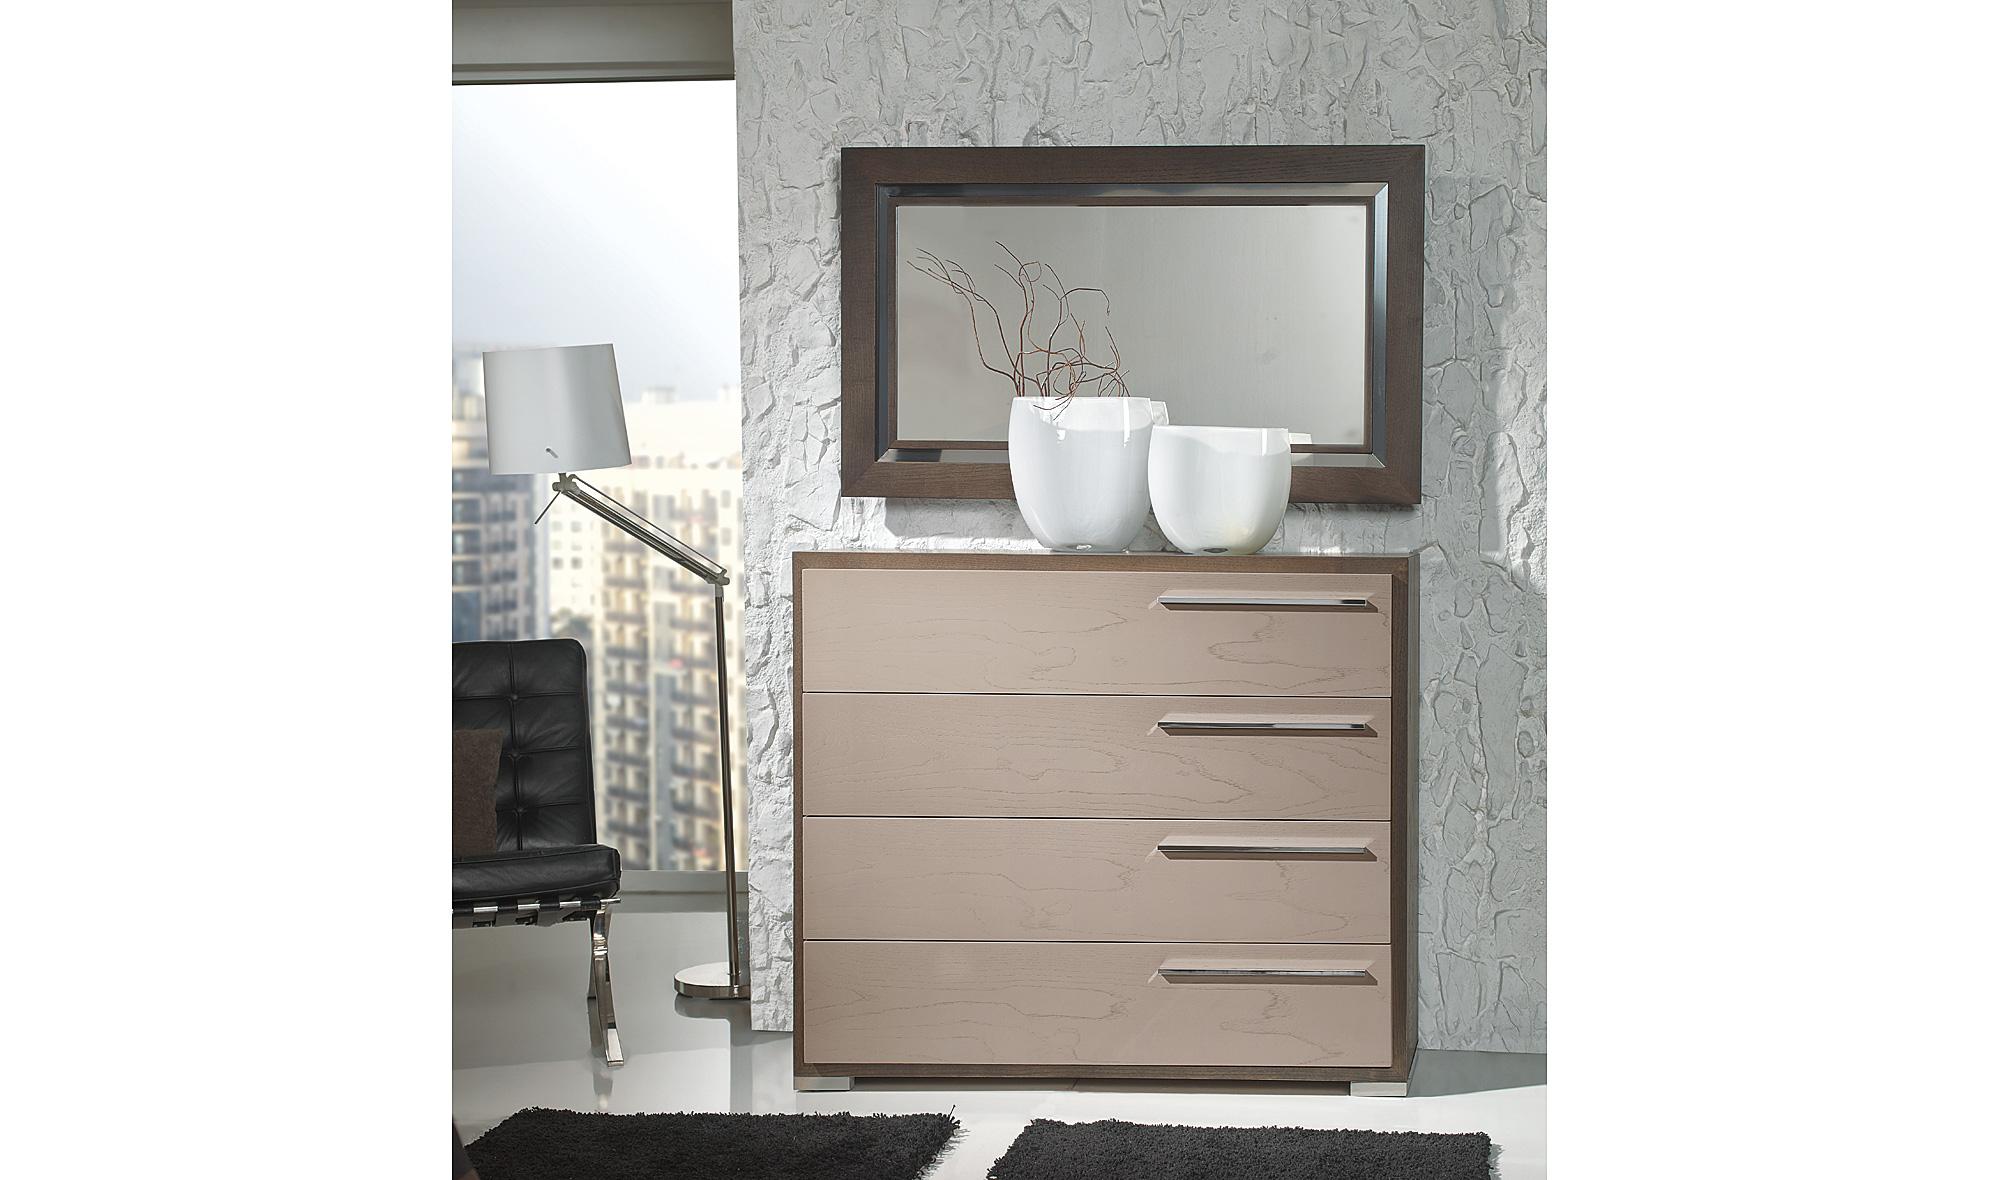 Muebles comodas obtenga ideas dise o de muebles para su - Comodas diseno ...